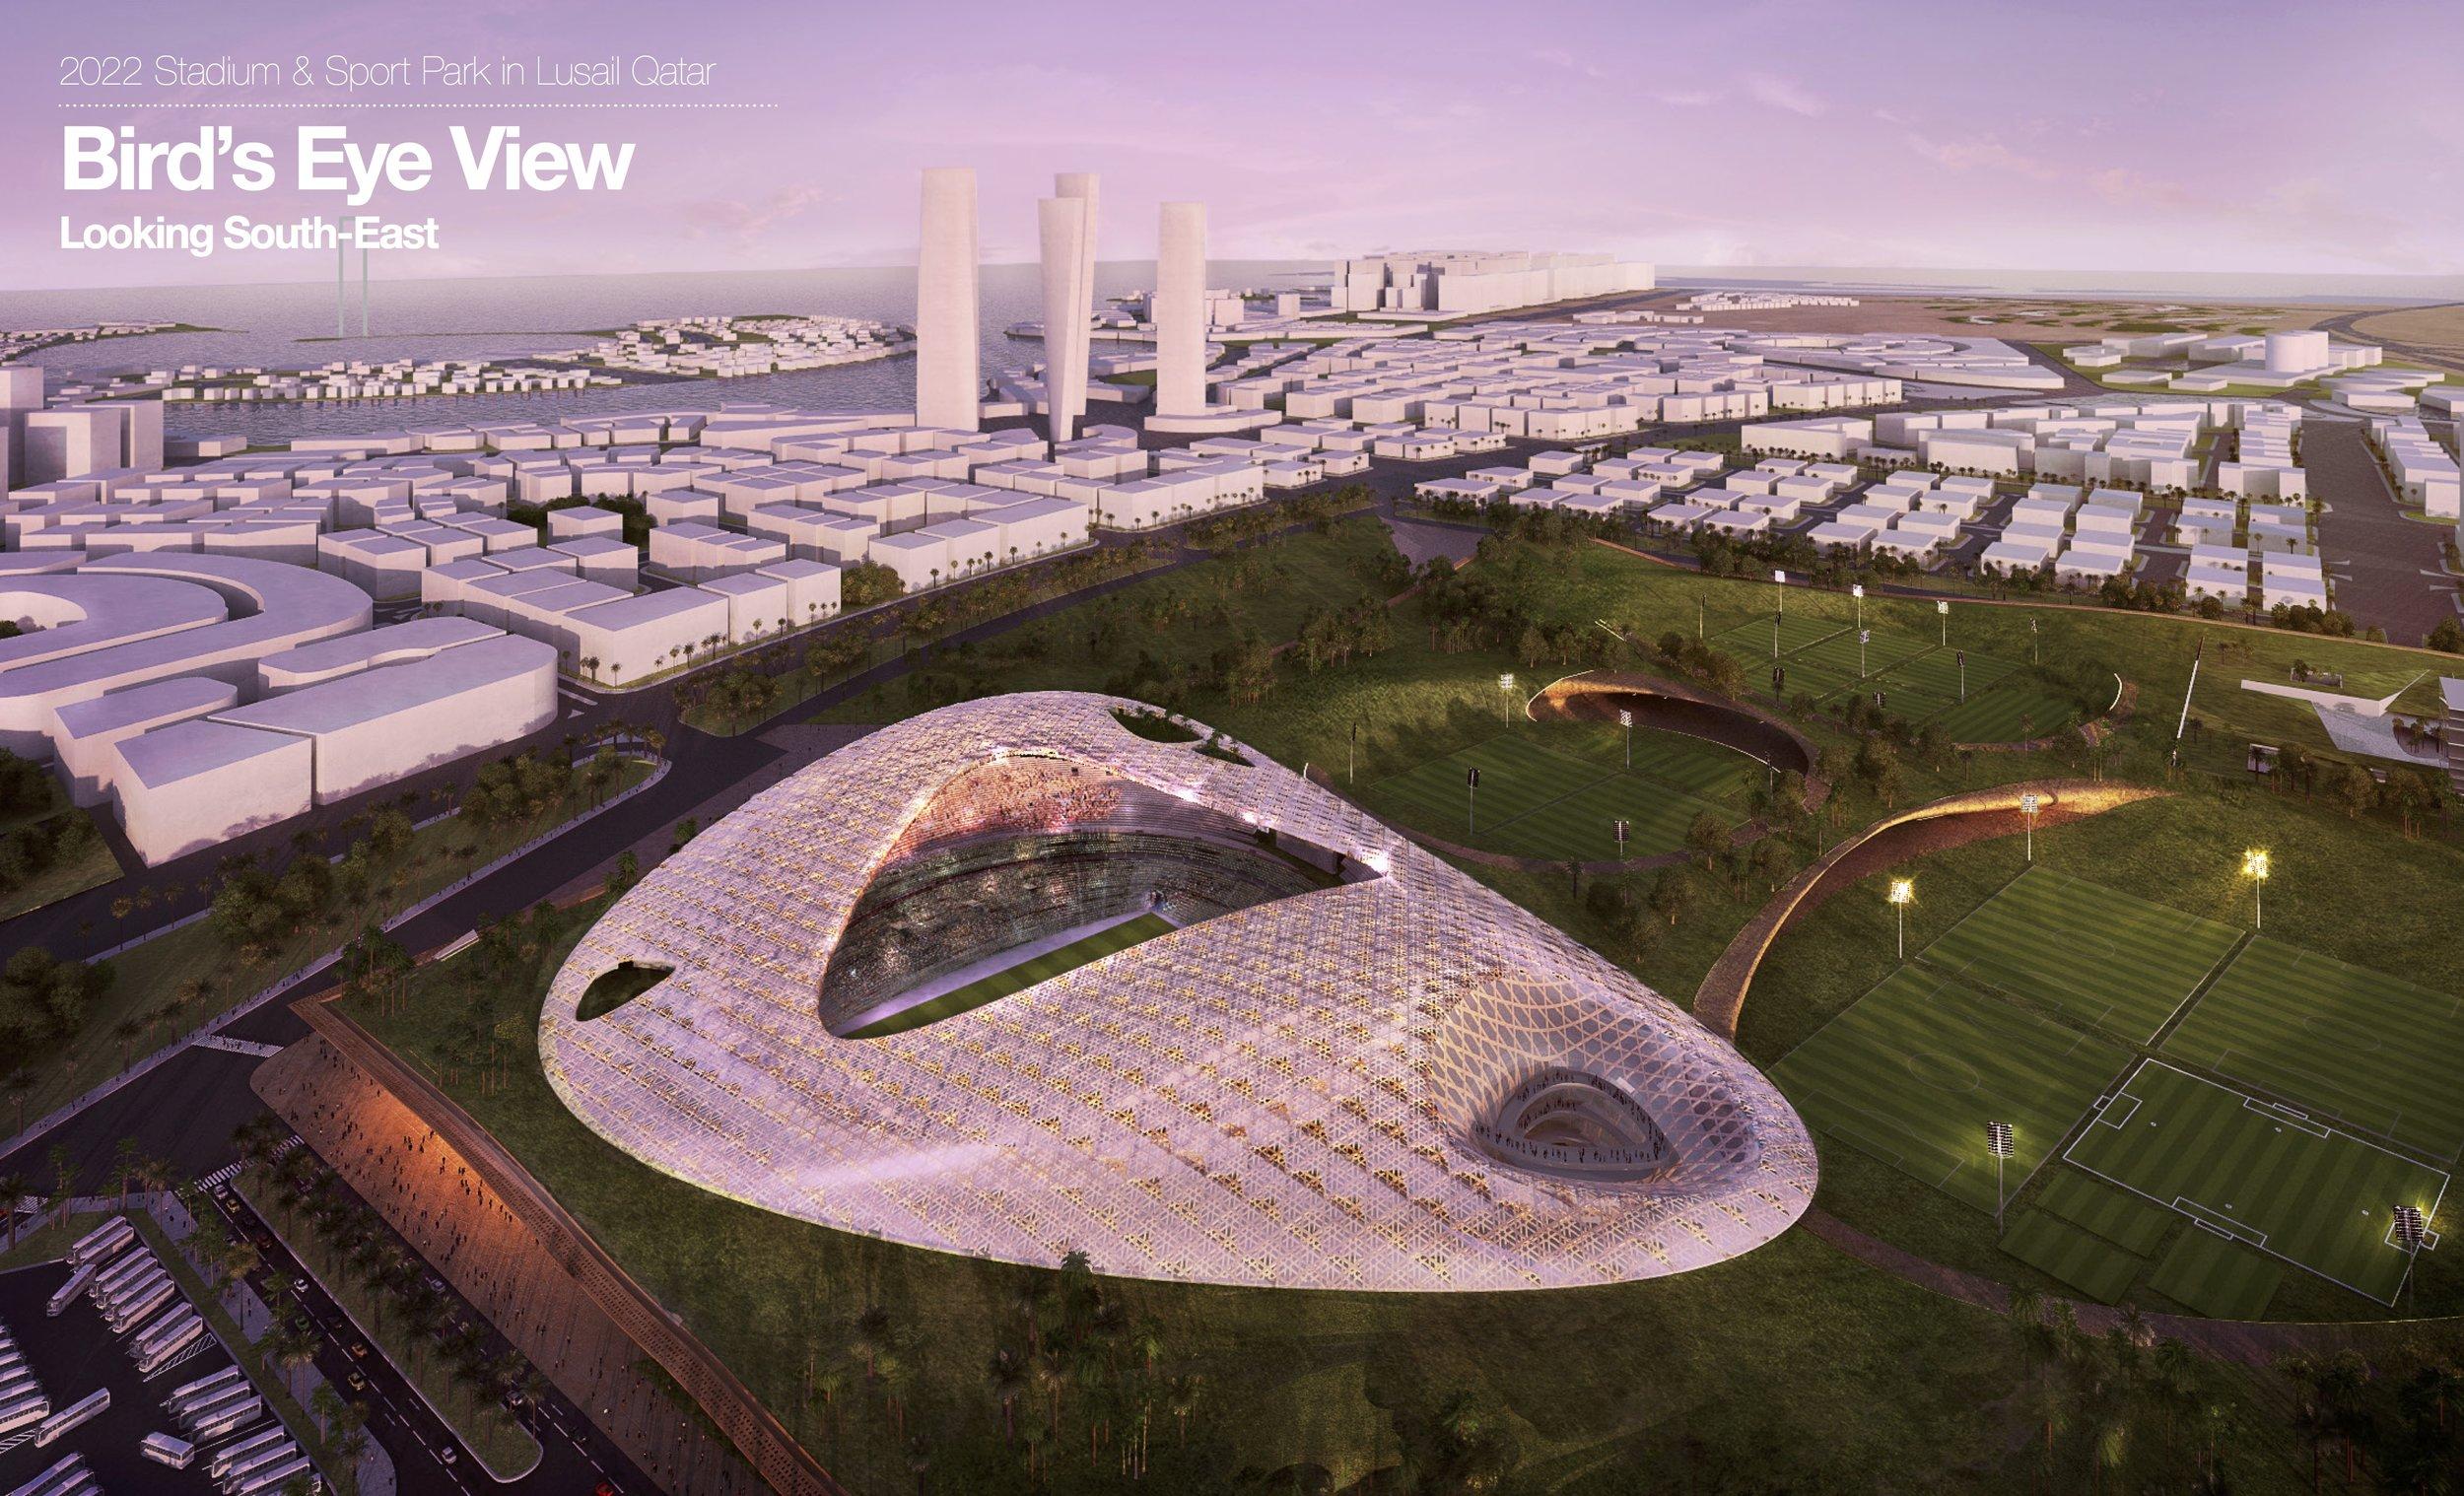 130730 Qatar_Main_Stadium_Concept_birdseye 14.jpg